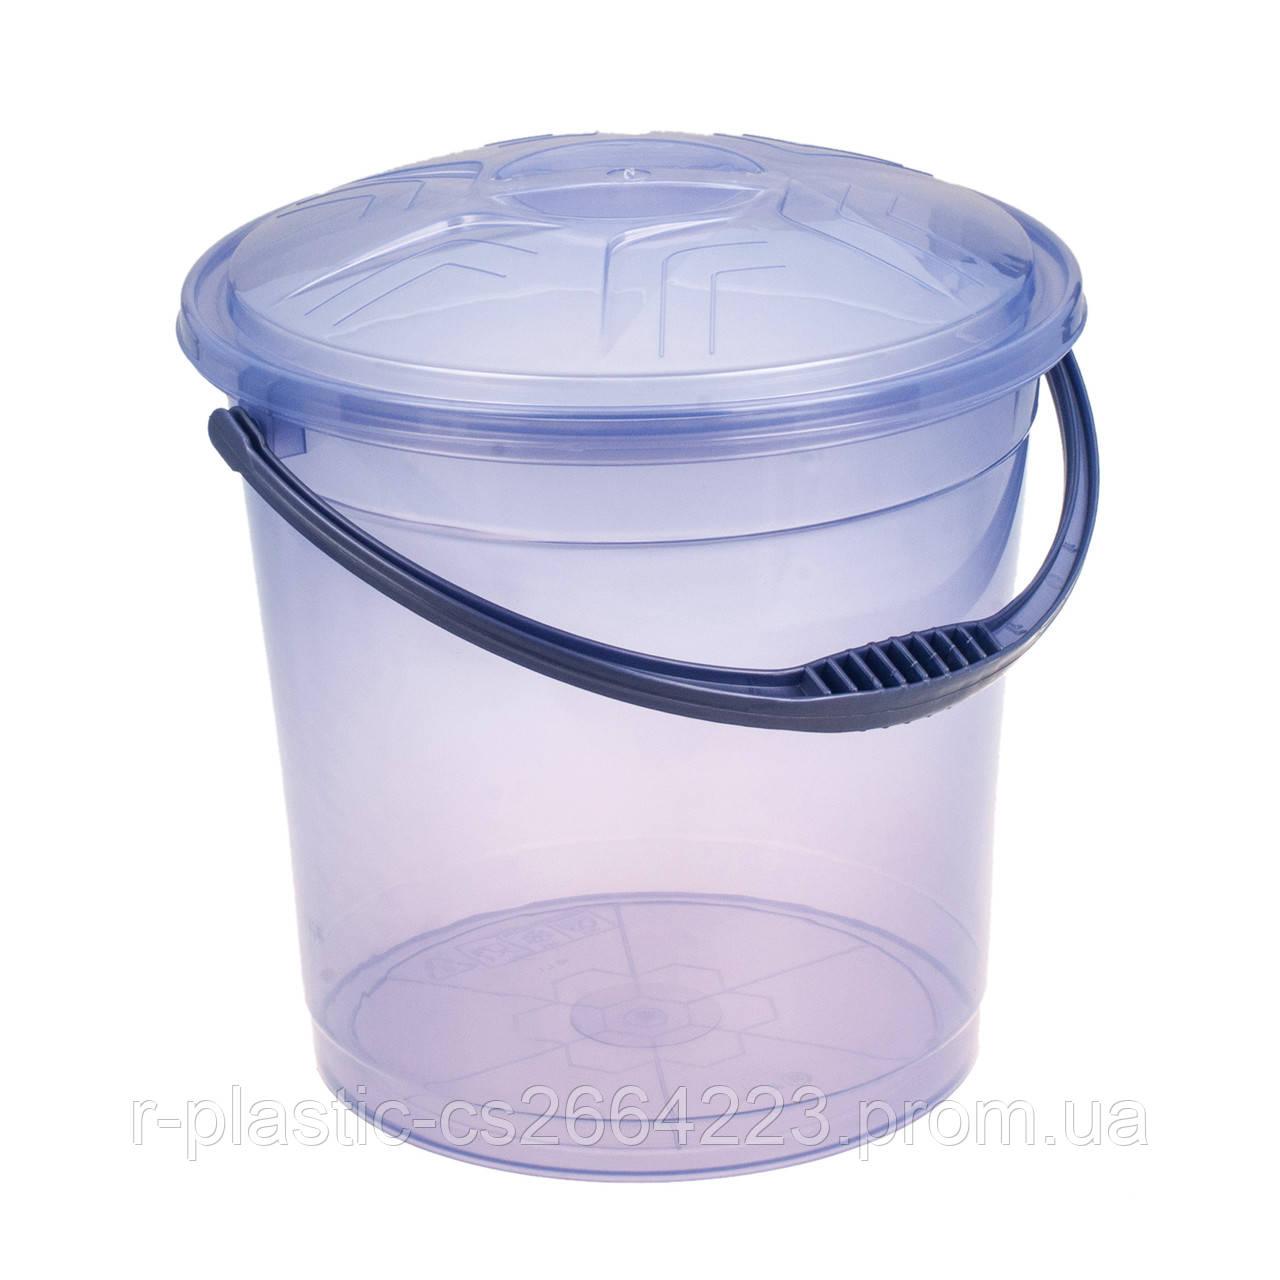 Ведро прозрачное с крышкой 10л R-Plastic фиолетовое